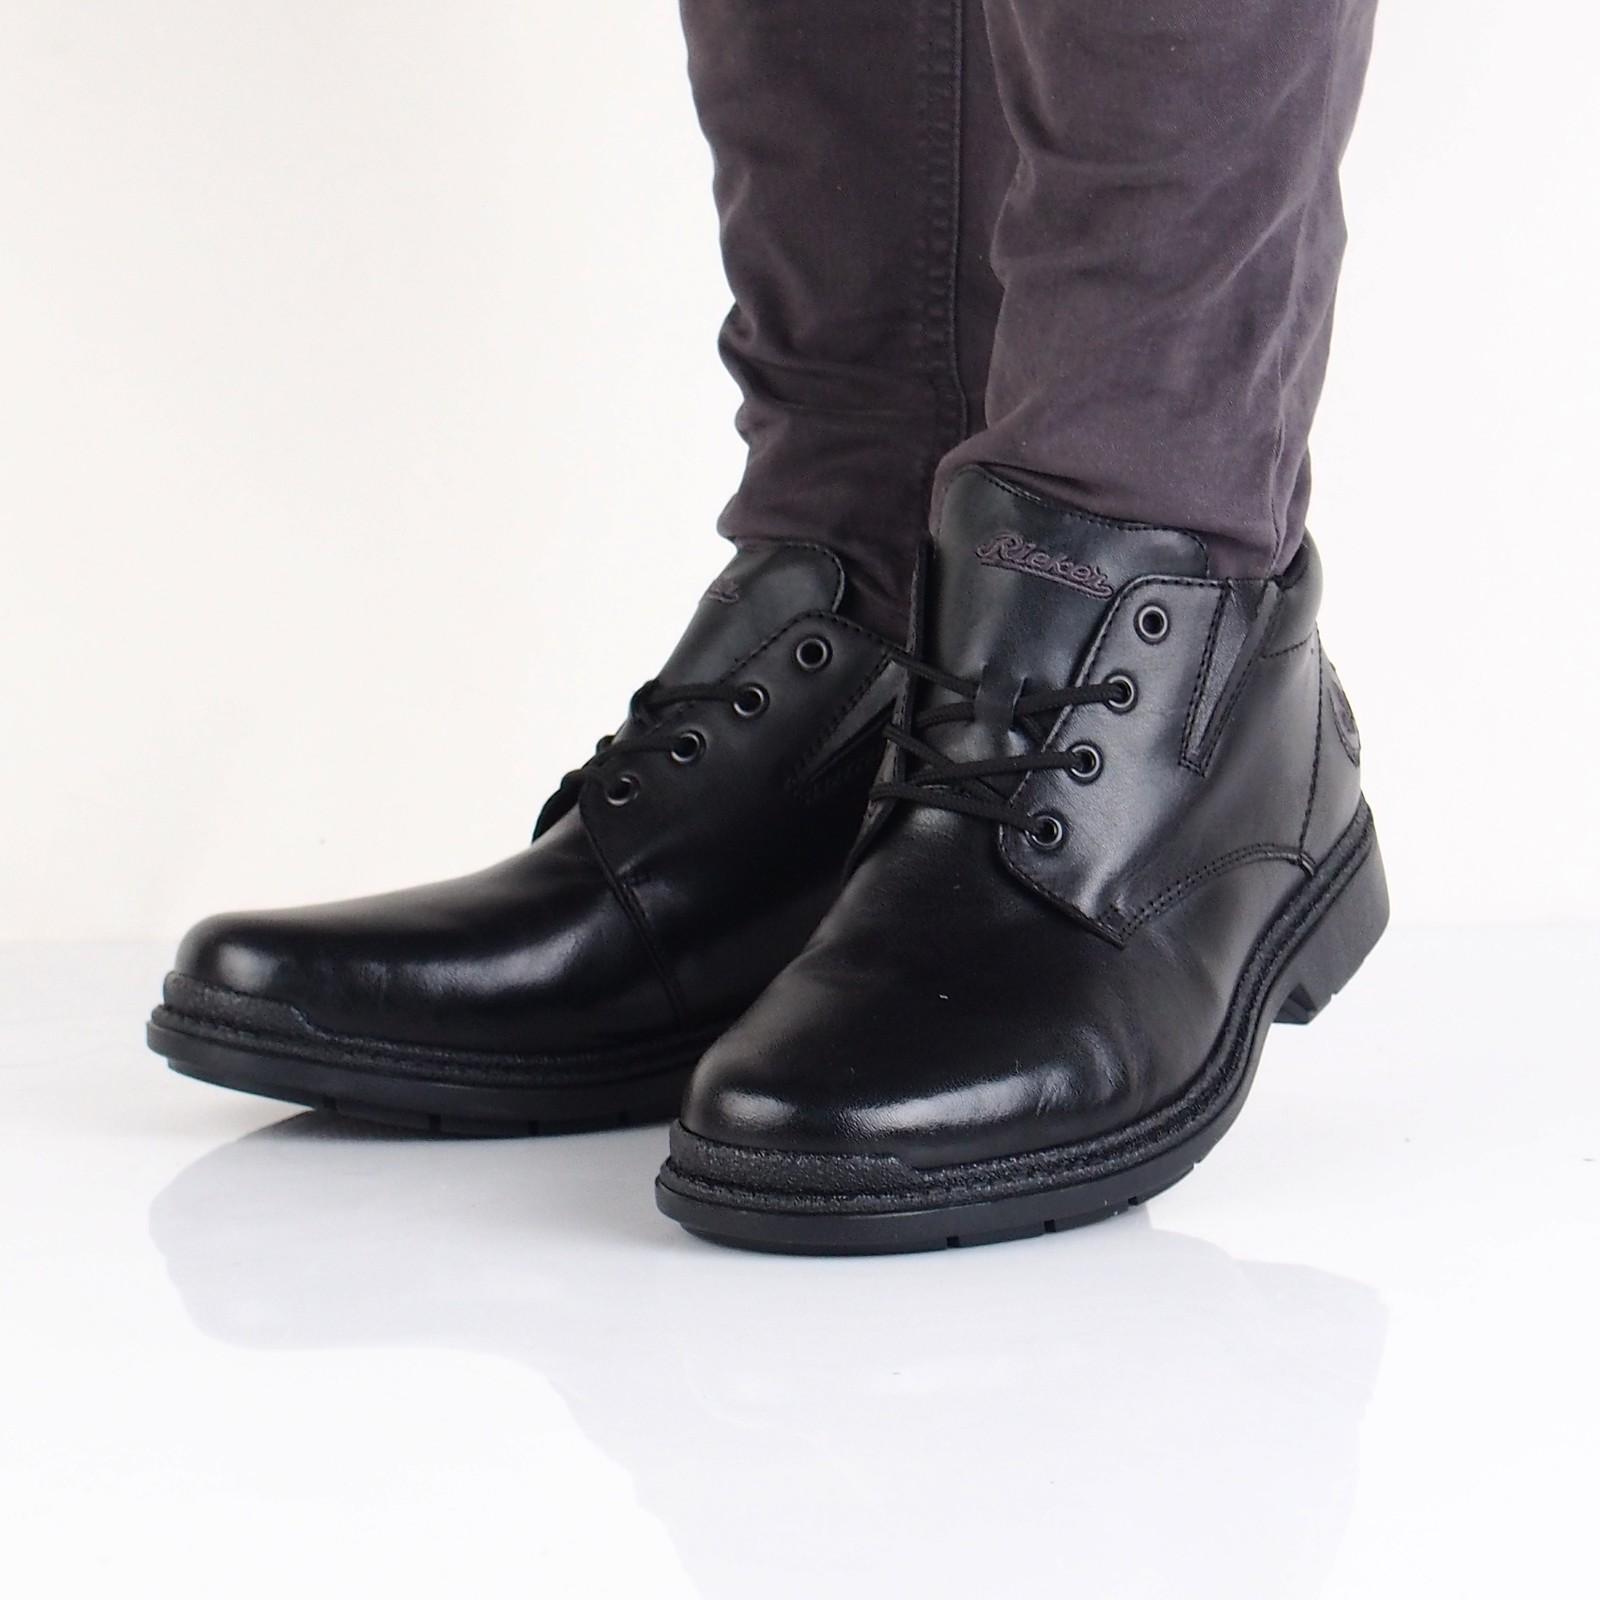 490394e938 Rieker pánska kožená členková obuv - čierna ...